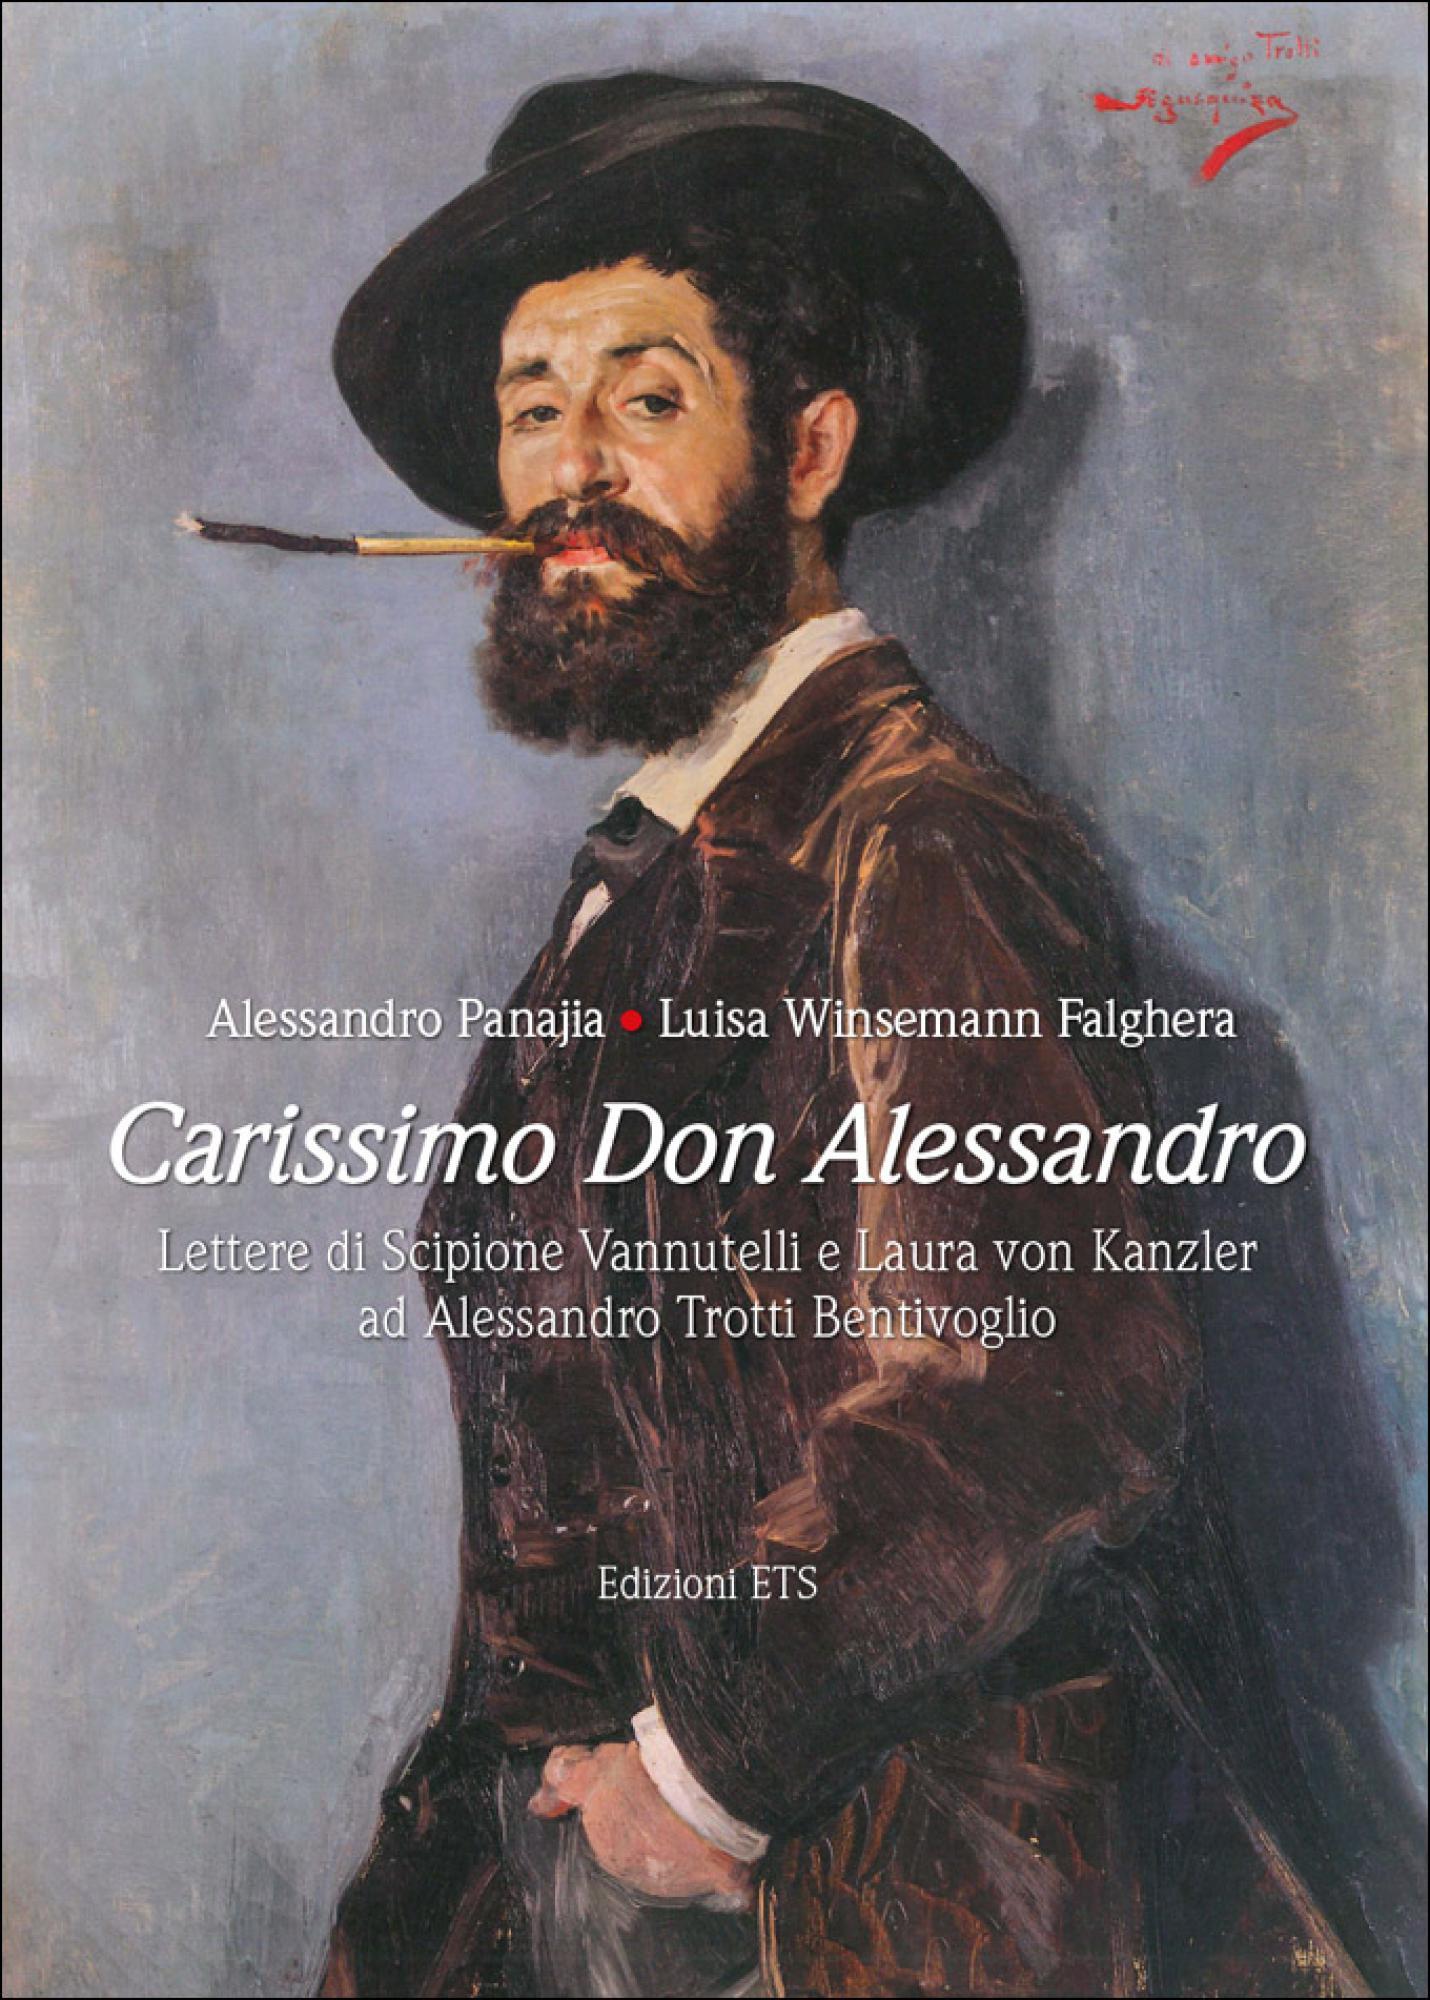 Carissimo Don Alessandro.Lettere di Scipione Vannutelli e Laura von Kanzler ad Alessandro Trotti Bentivoglio